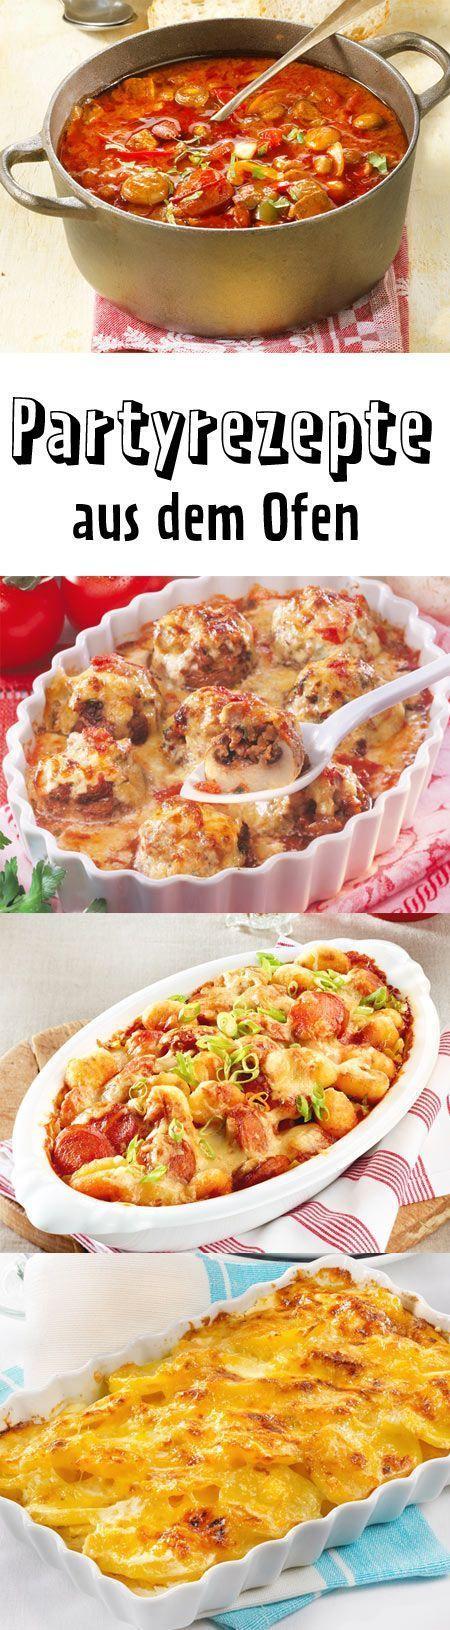 Partyrezepte aus dem Ofen - das Beste aus Auflaufform und Co. | LECKER #appetizersforparty